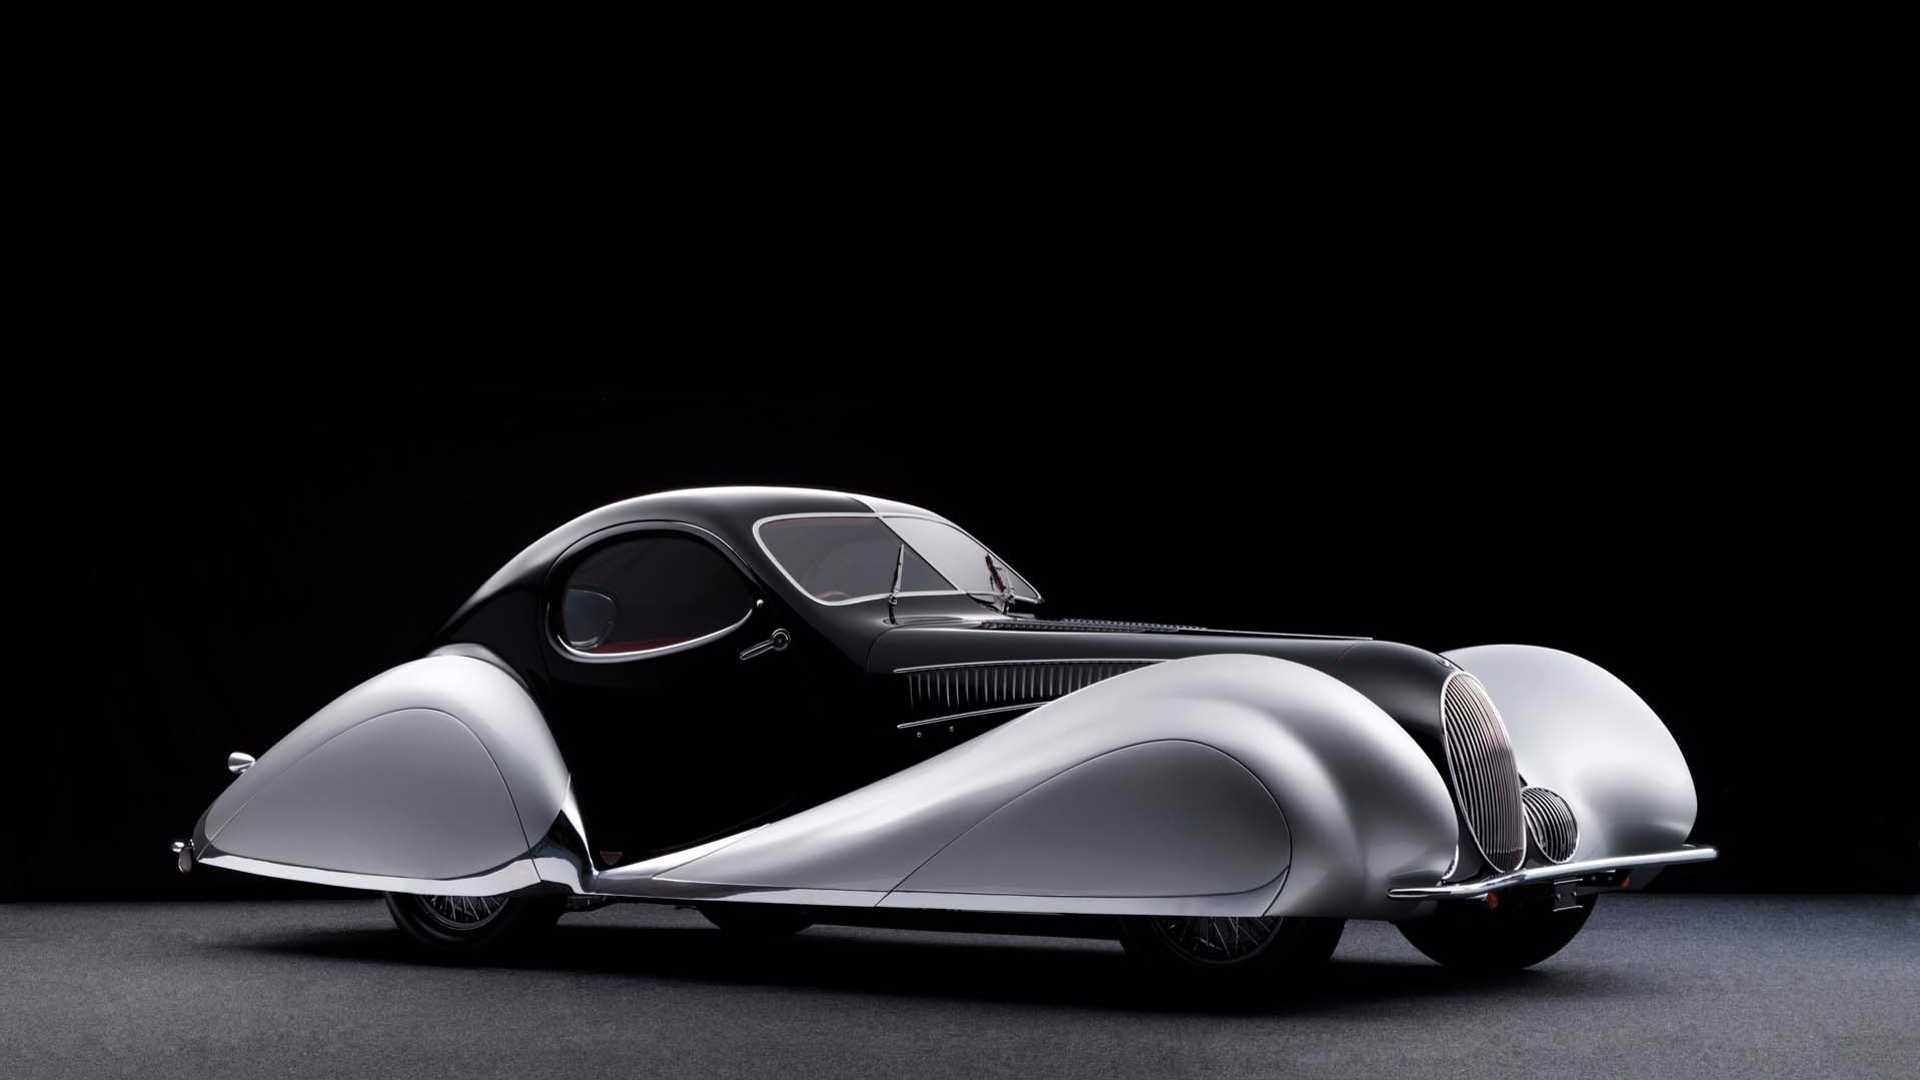 1937_Talbot-Lago_T150-C_SS_Teardrop_12